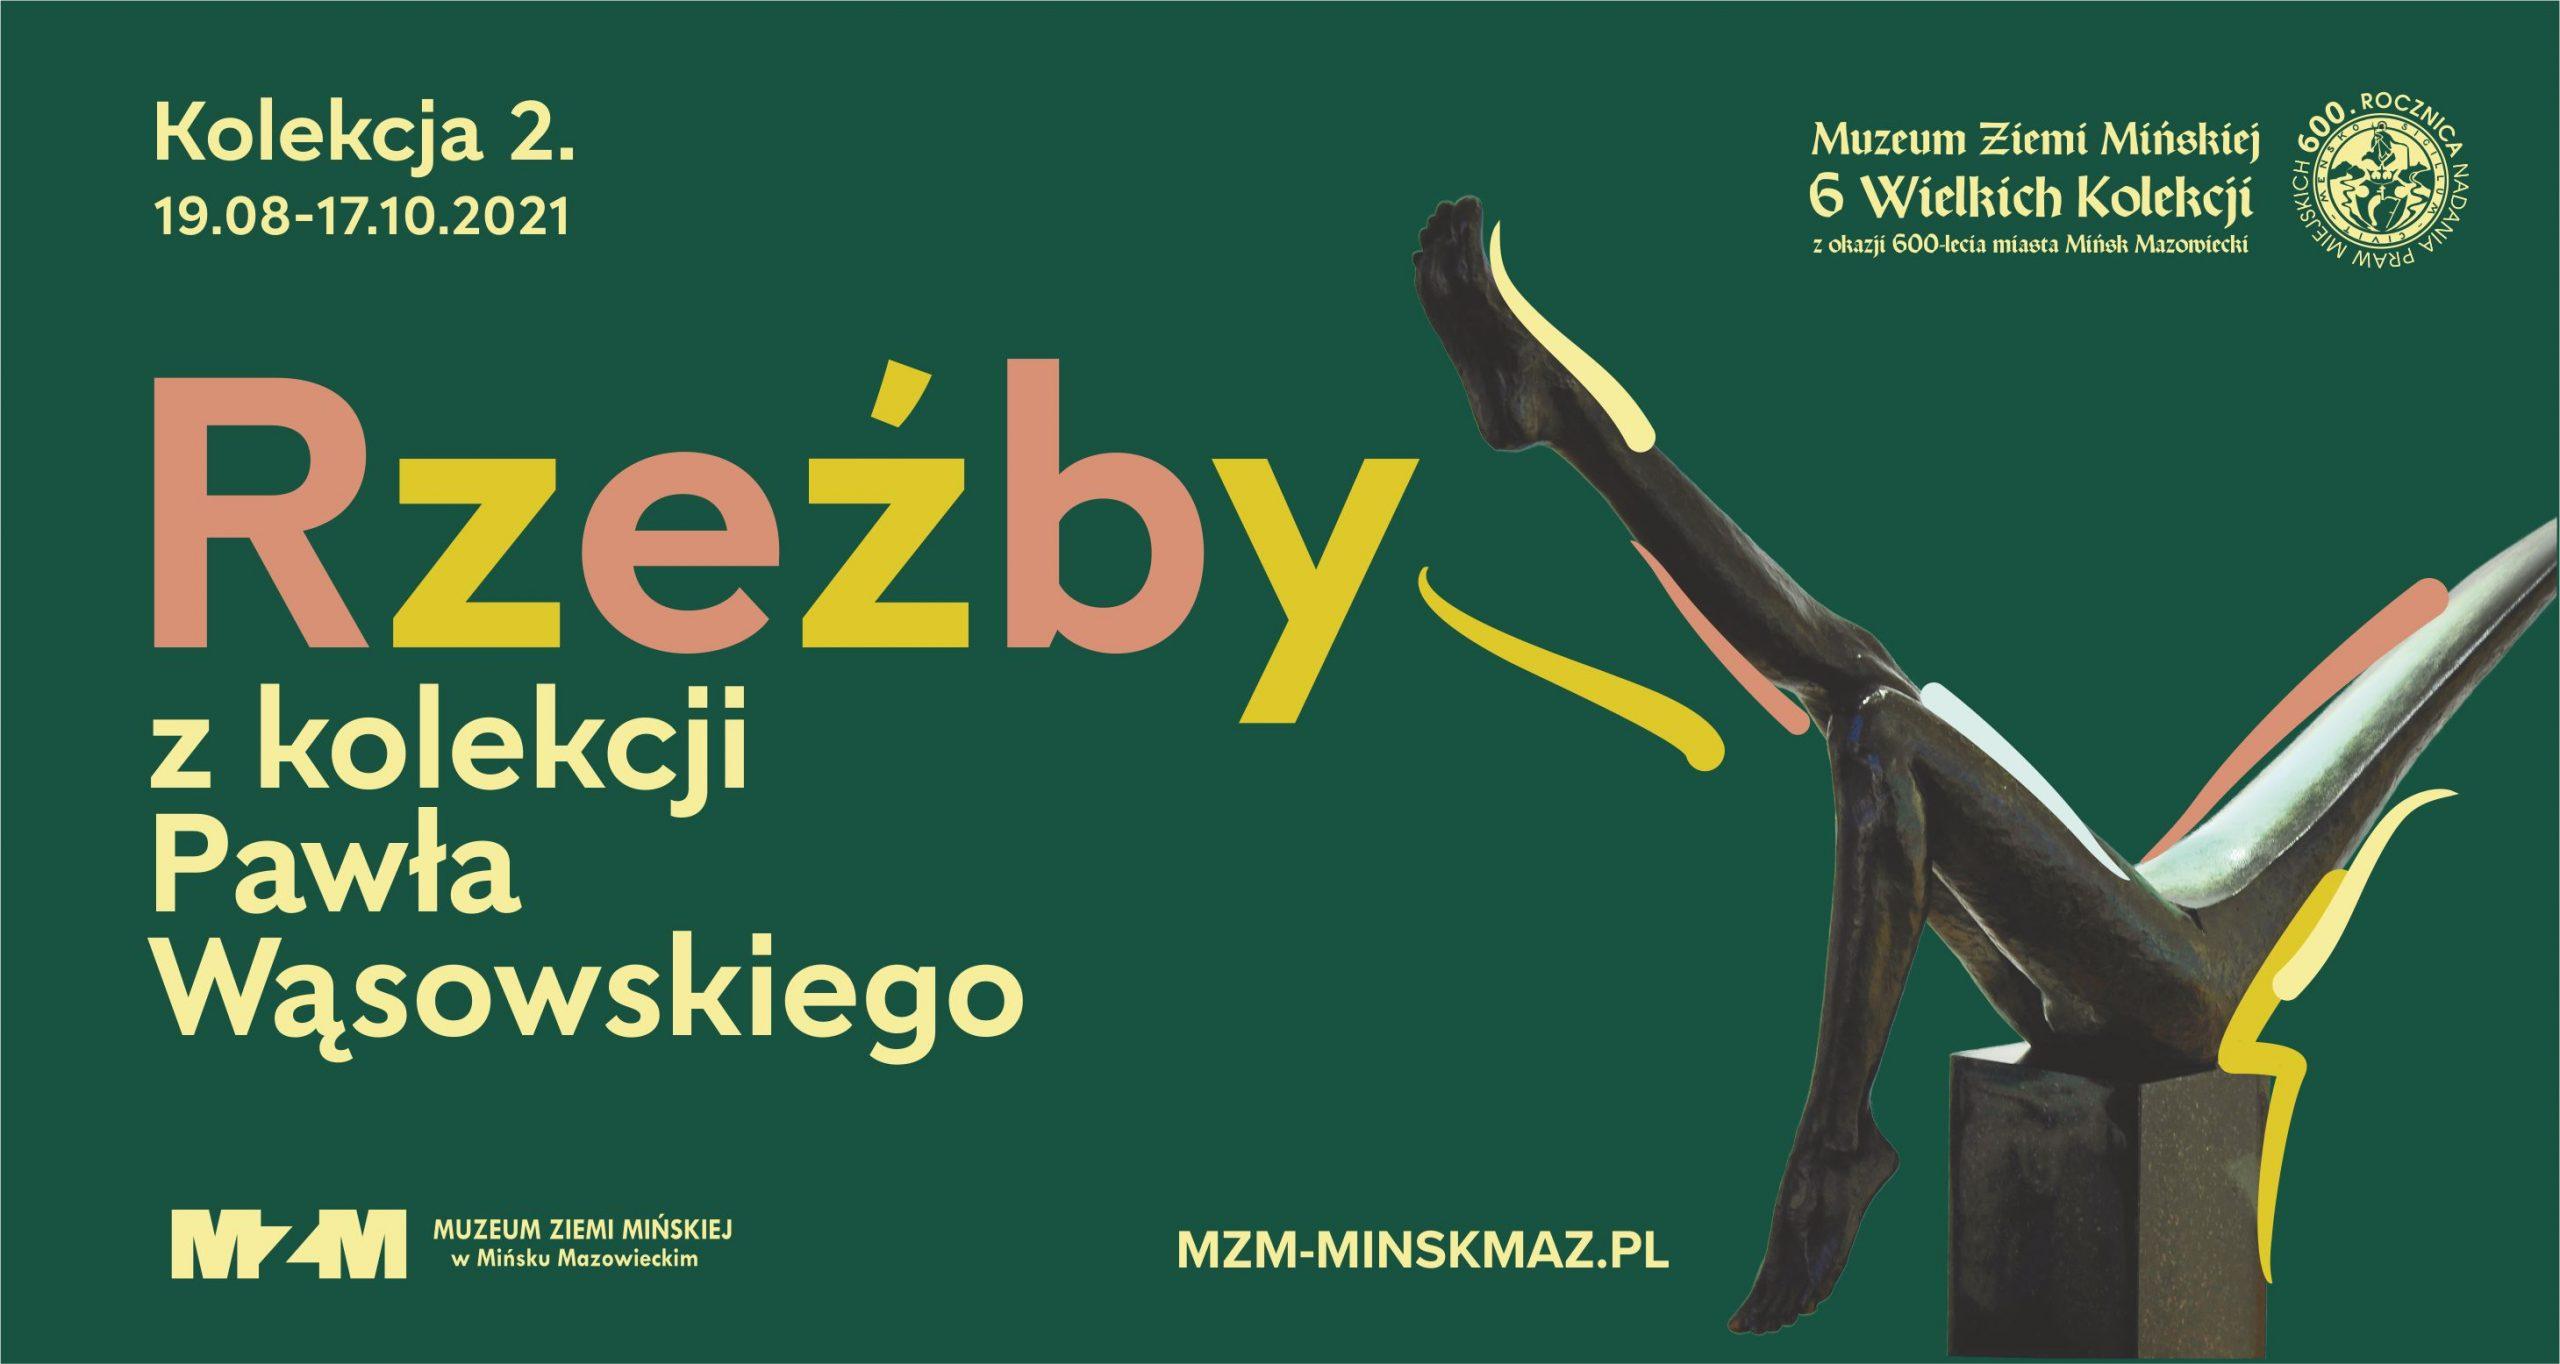 Rzeźby zkolekcji Pawła Wąsowskiego